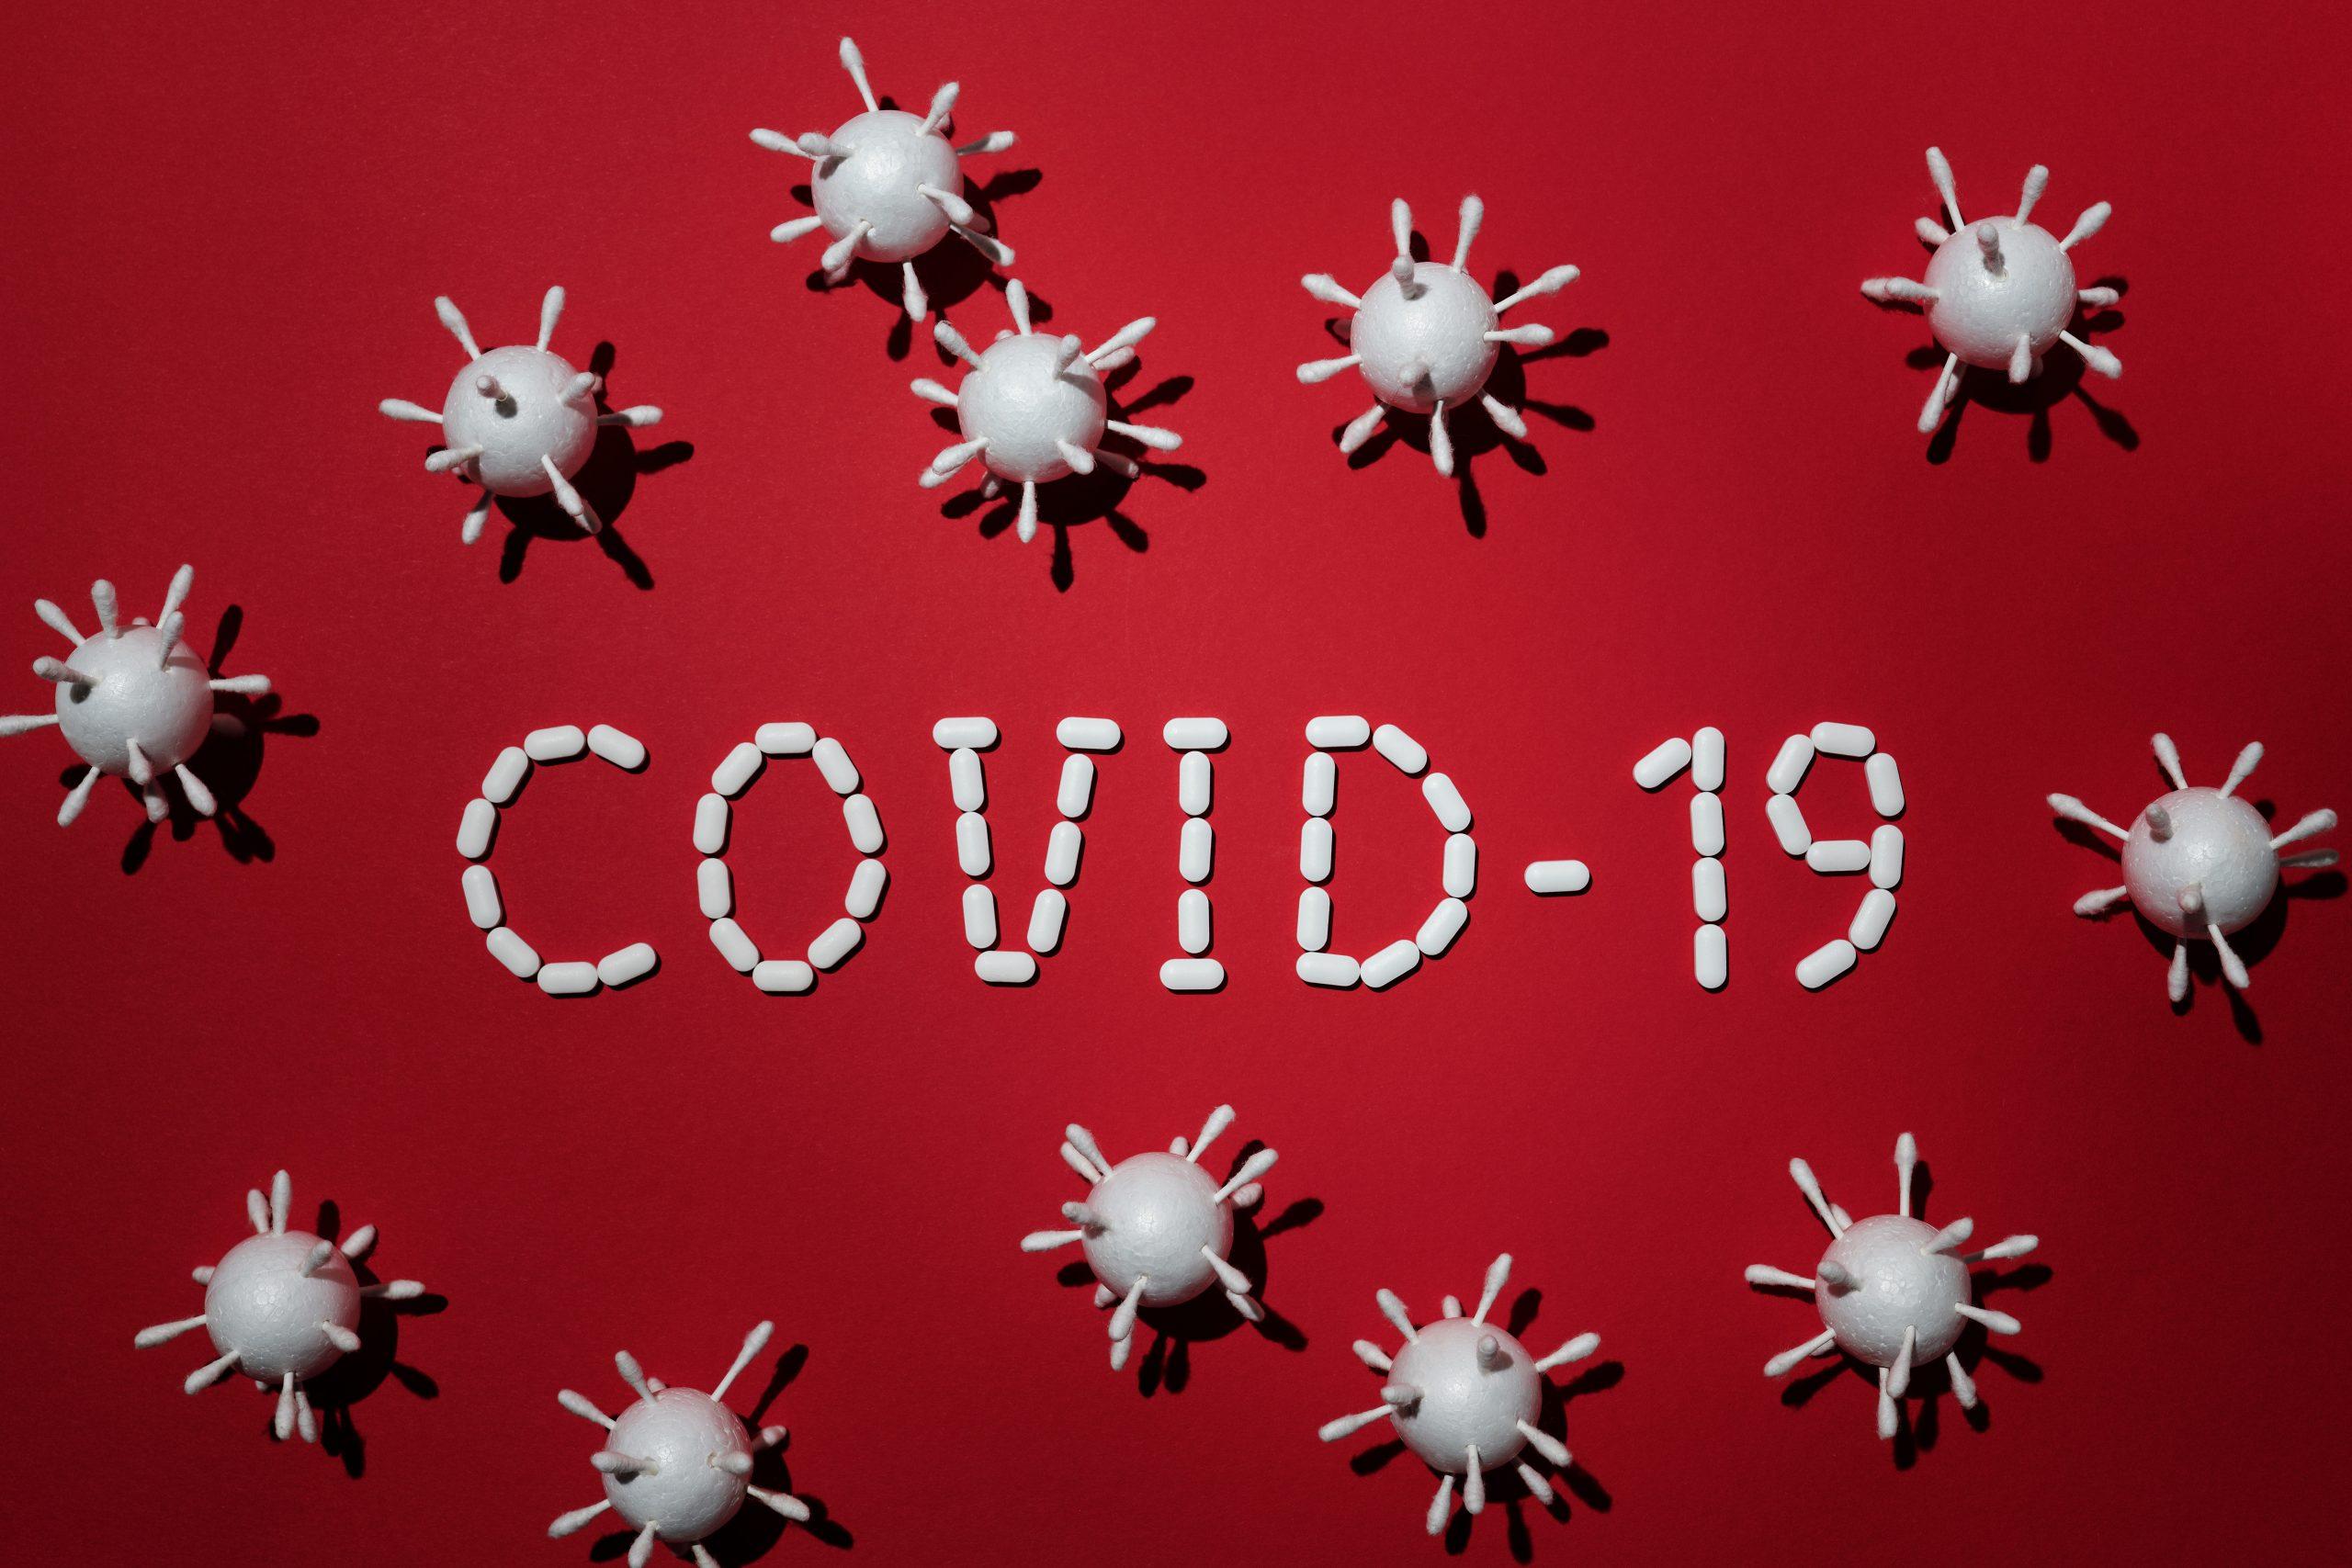 COVID-19 Graphic